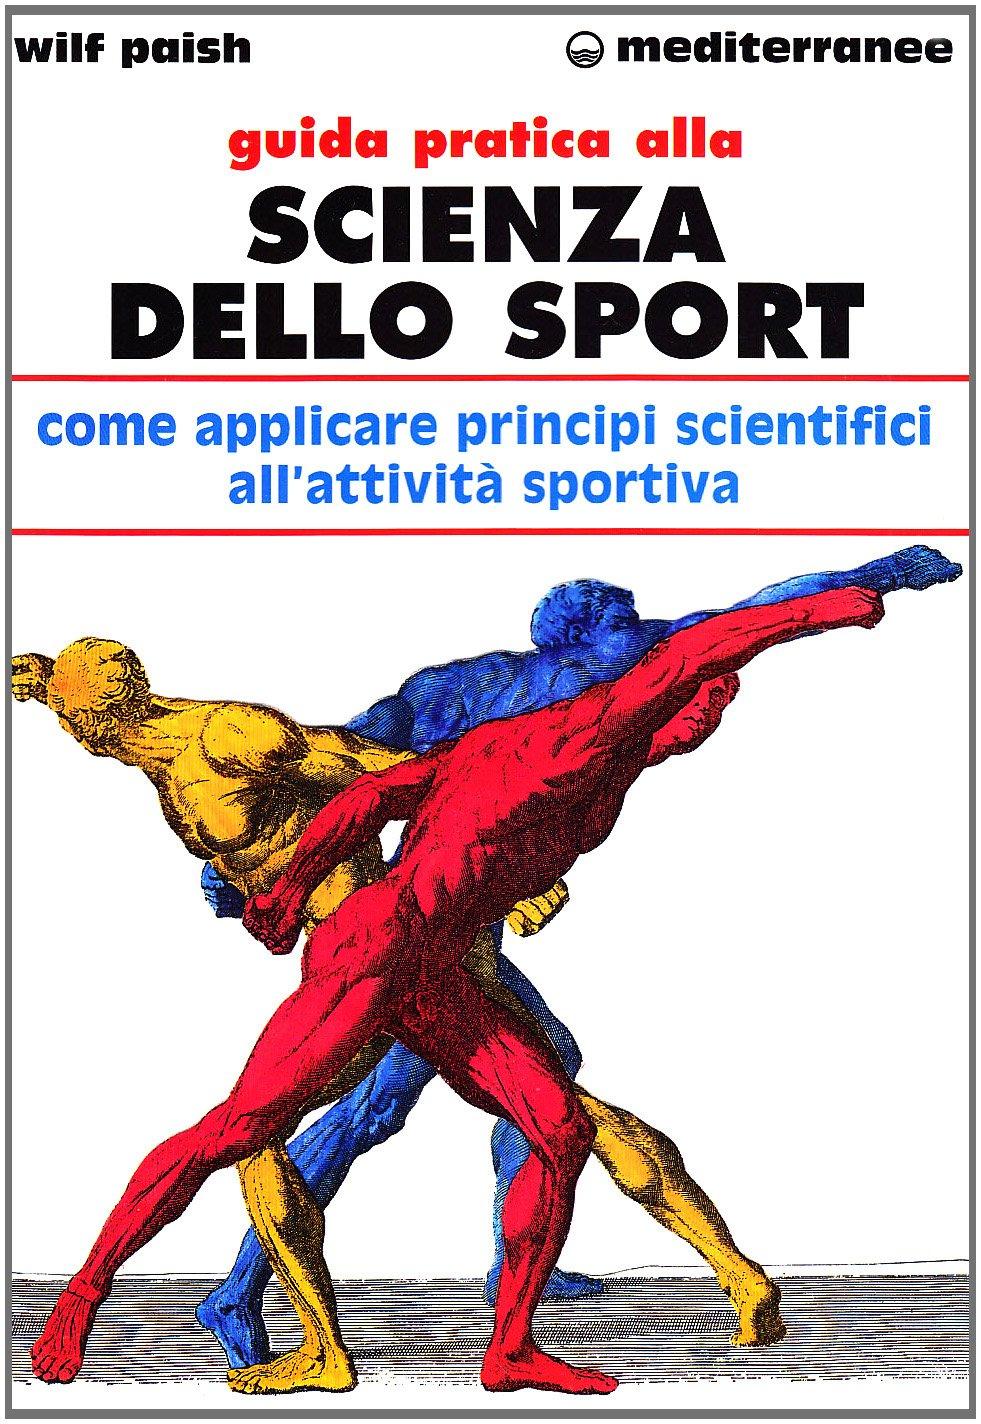 Guida pratica alla scienza dello sport. Come applicare i principi scientifici alla pratica dello sport Copertina flessibile – 1 lug 2000 Wilf Paish Edizioni Mediterranee 8827213554 Allenamenti sportivi